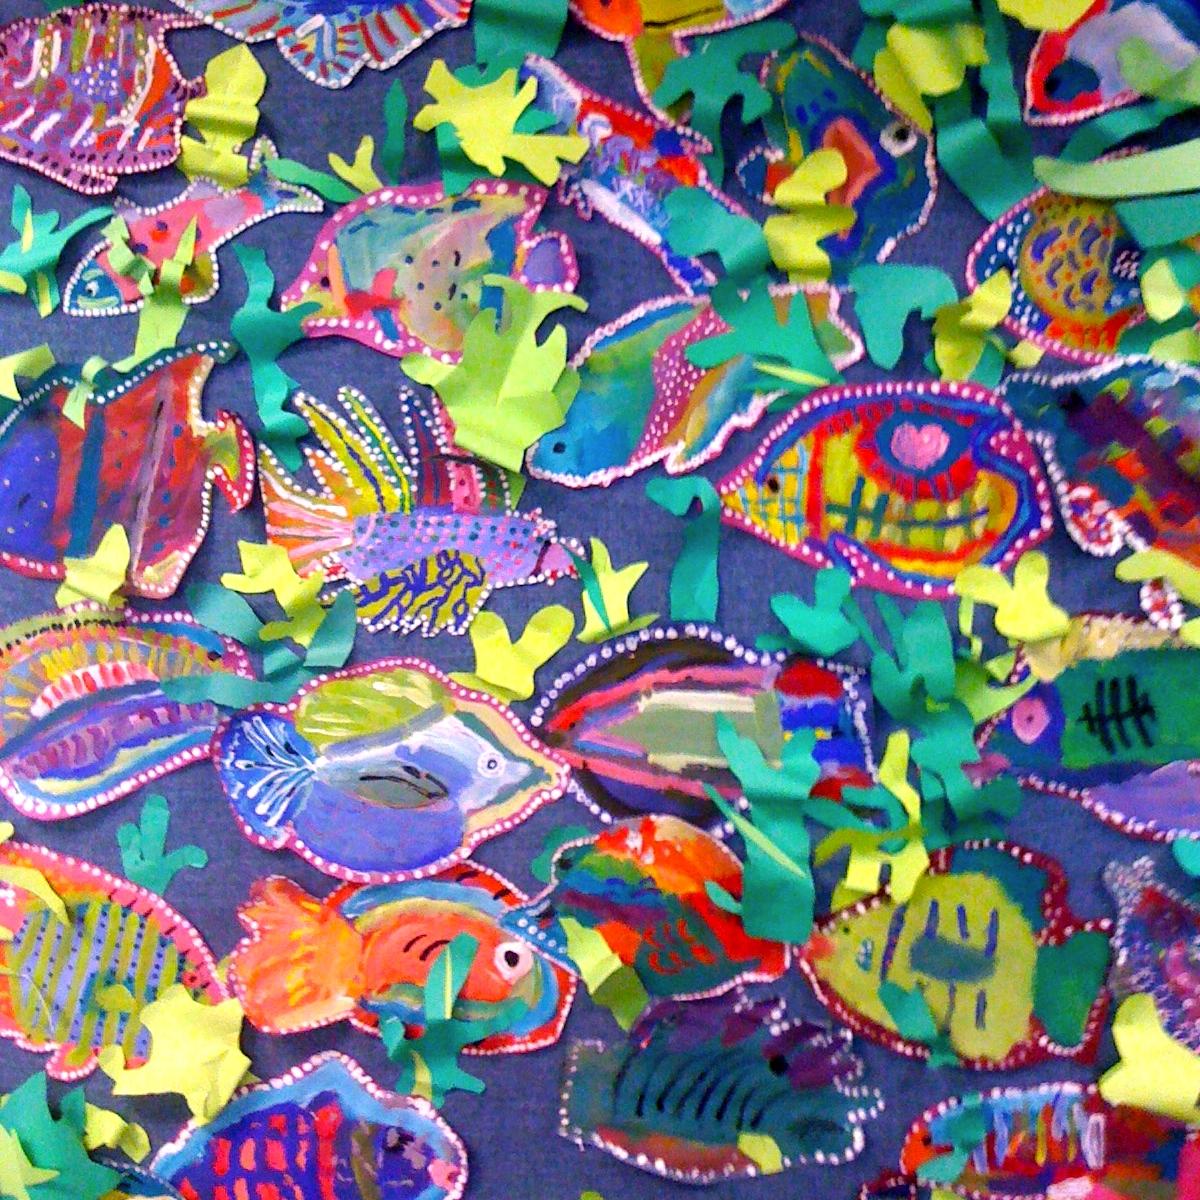 3rd Grade artwork